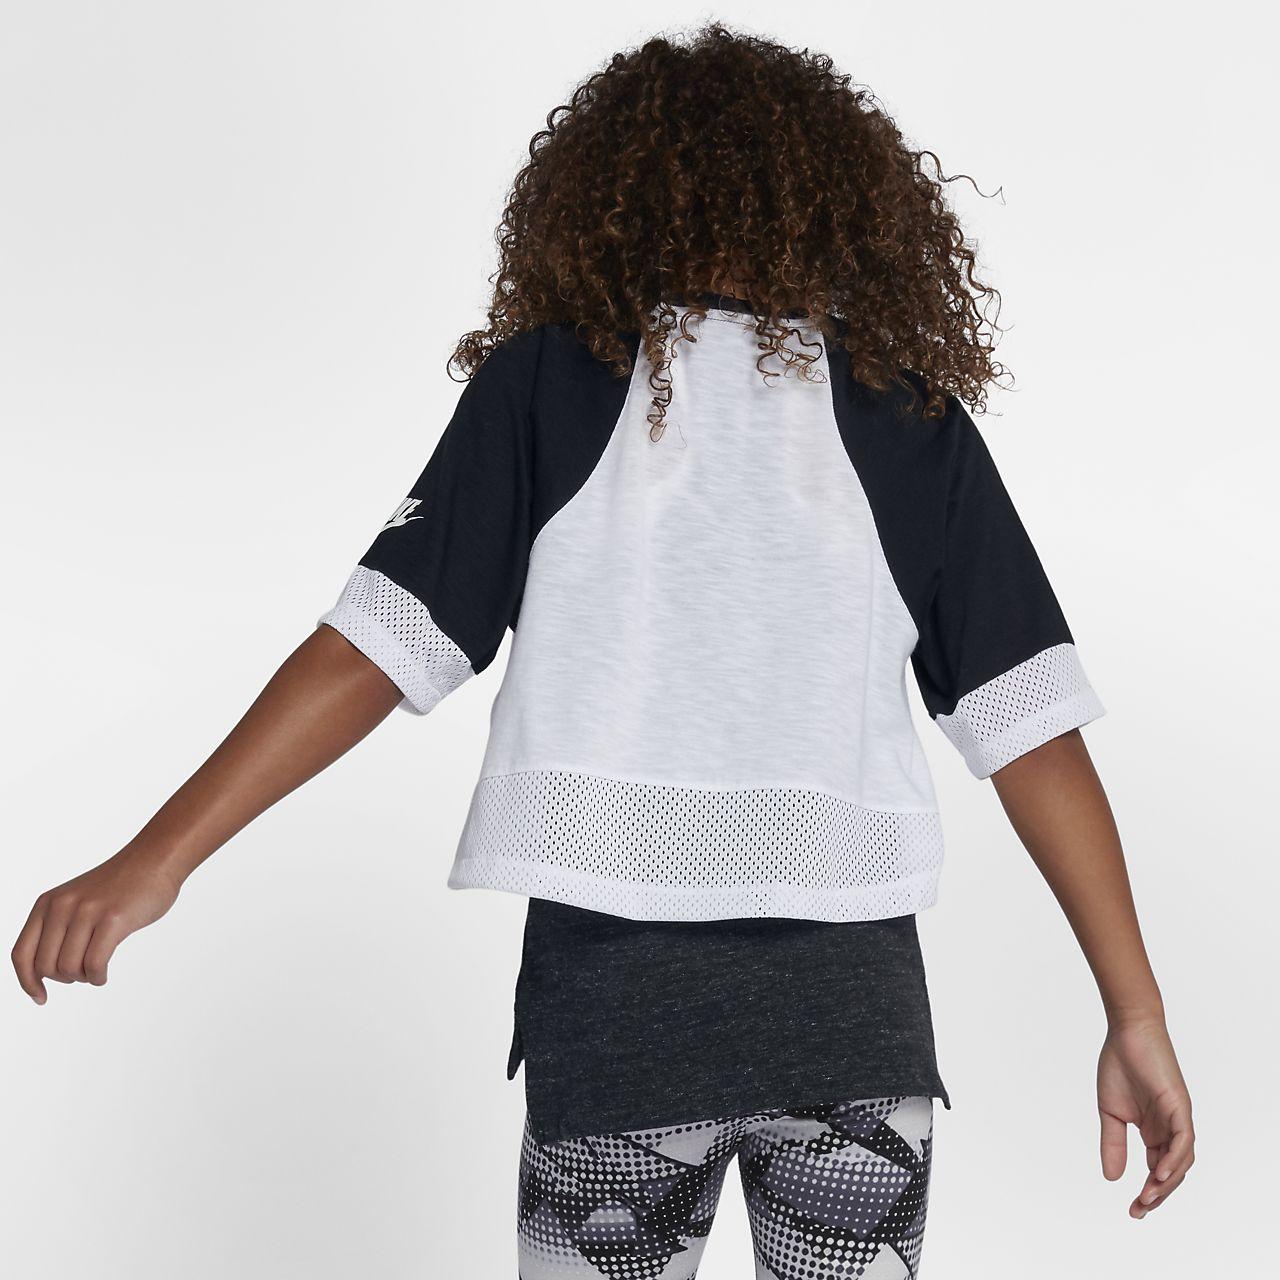 Nike Sportswear Older Kids' (Girls') Short-Sleeve Crop Top